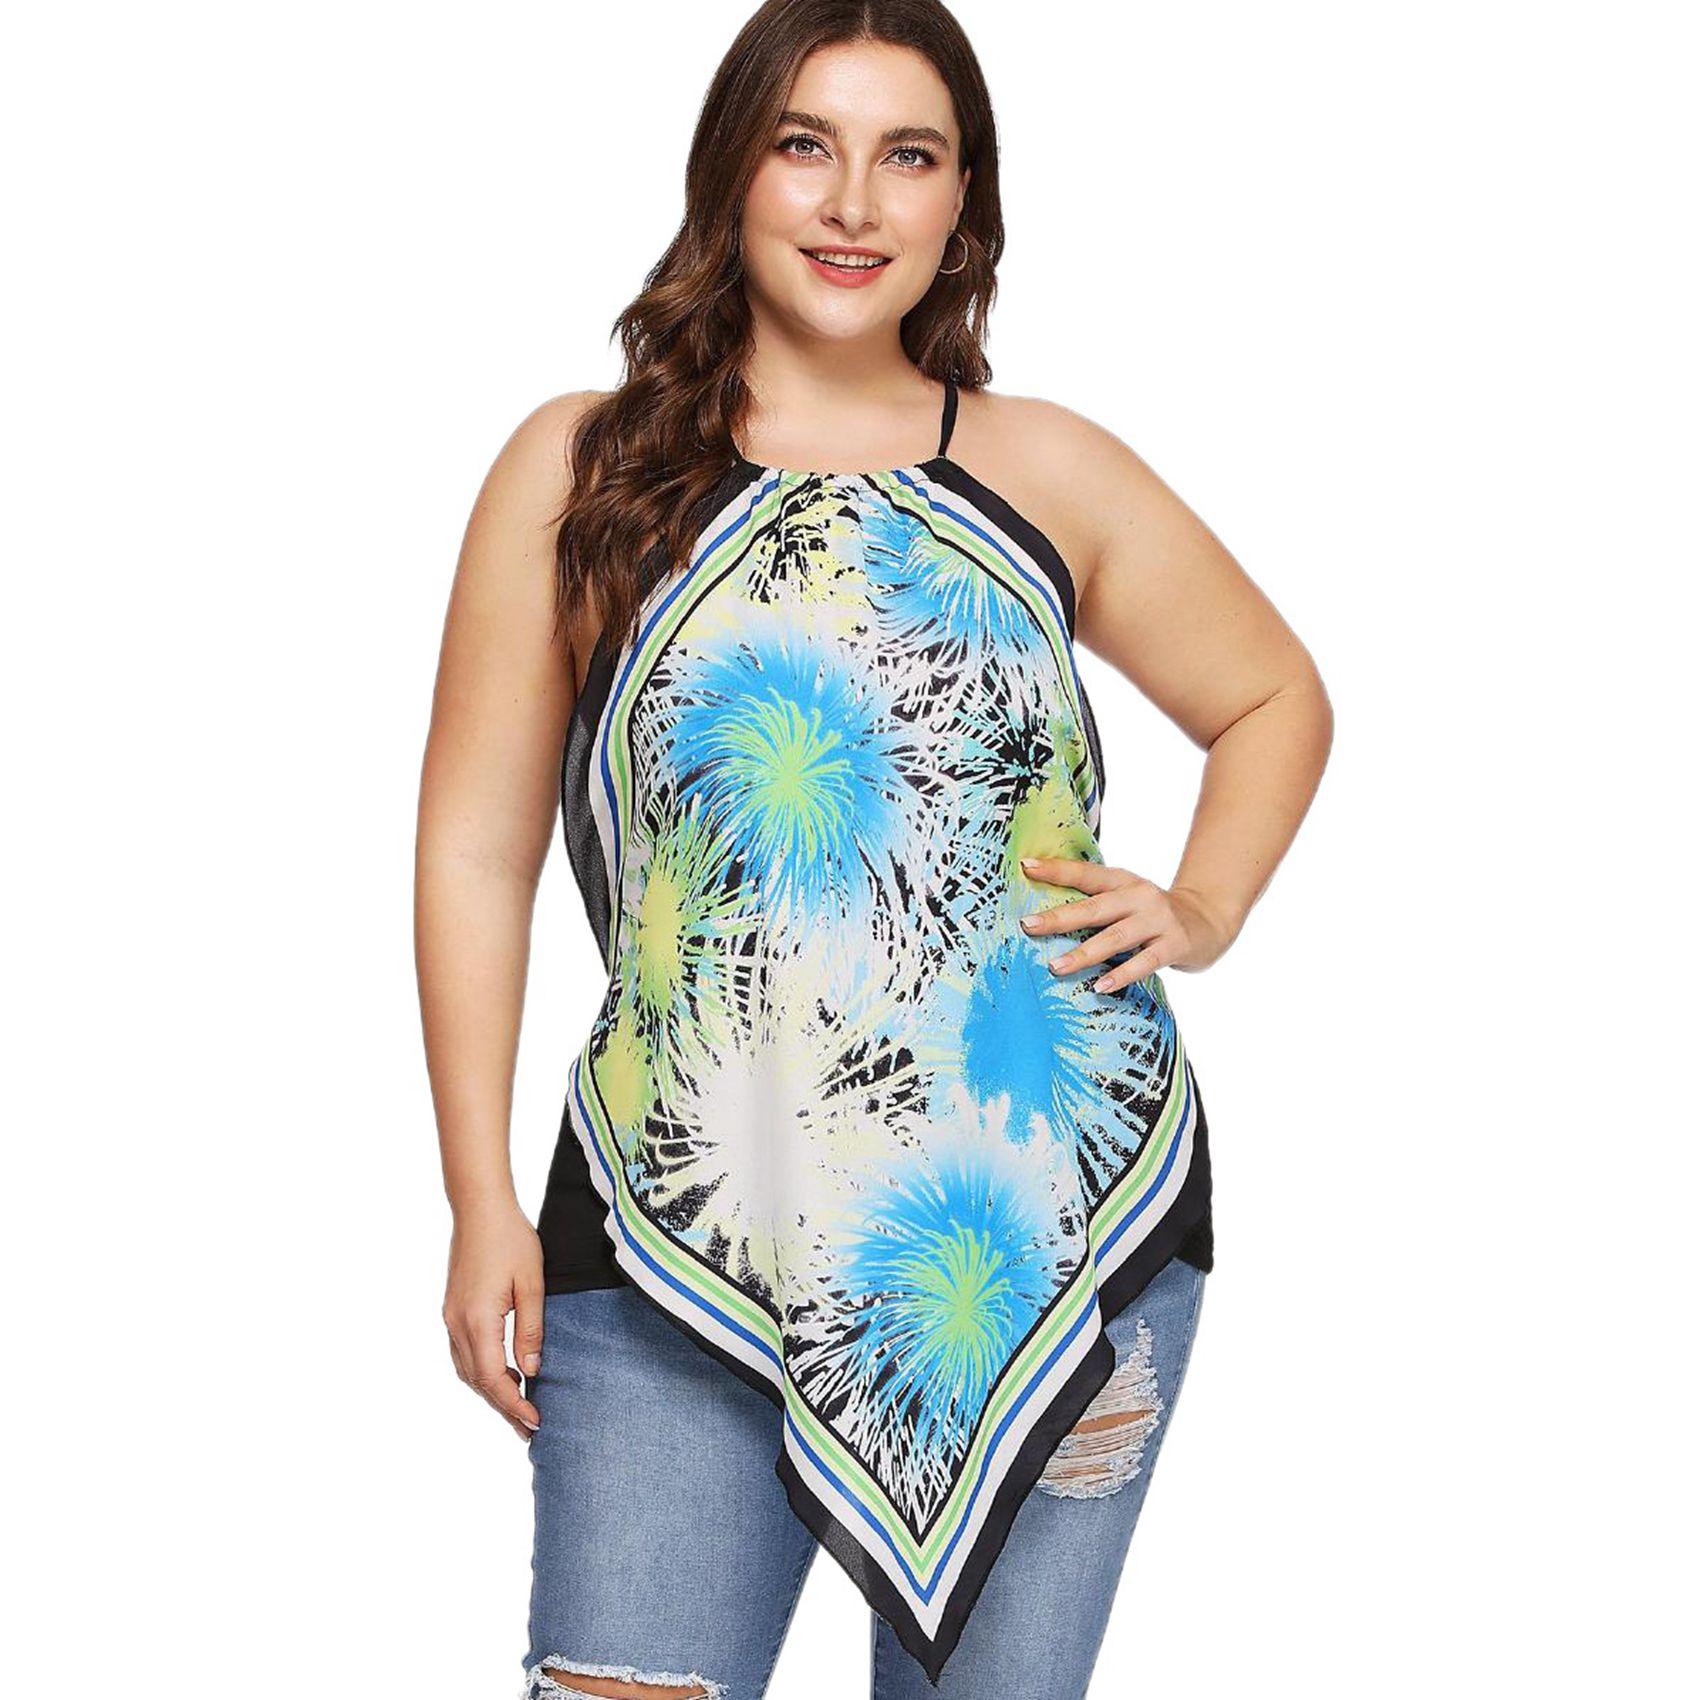 Lachr5o7 5x D'ete Decontractes Femme Pour tops De T Taille Imprimes shirt Grand 1r41wPpq